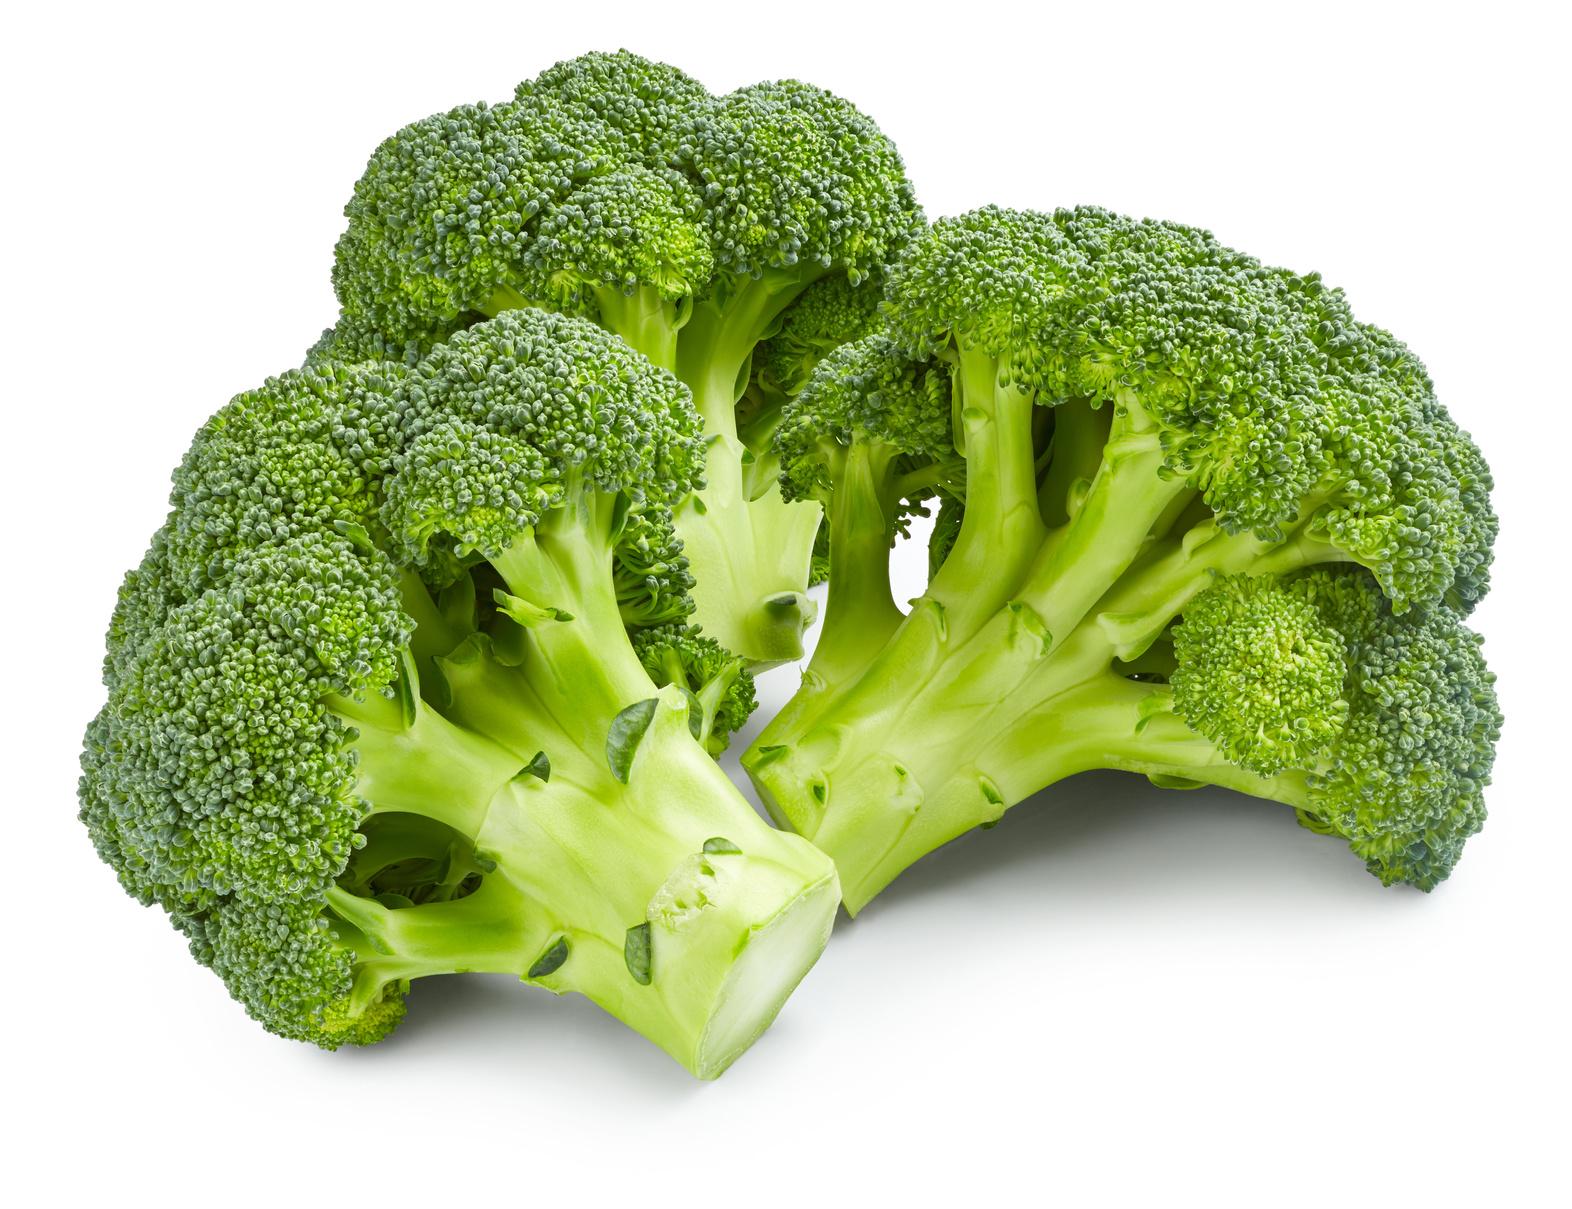 Gemüse Brokkoli